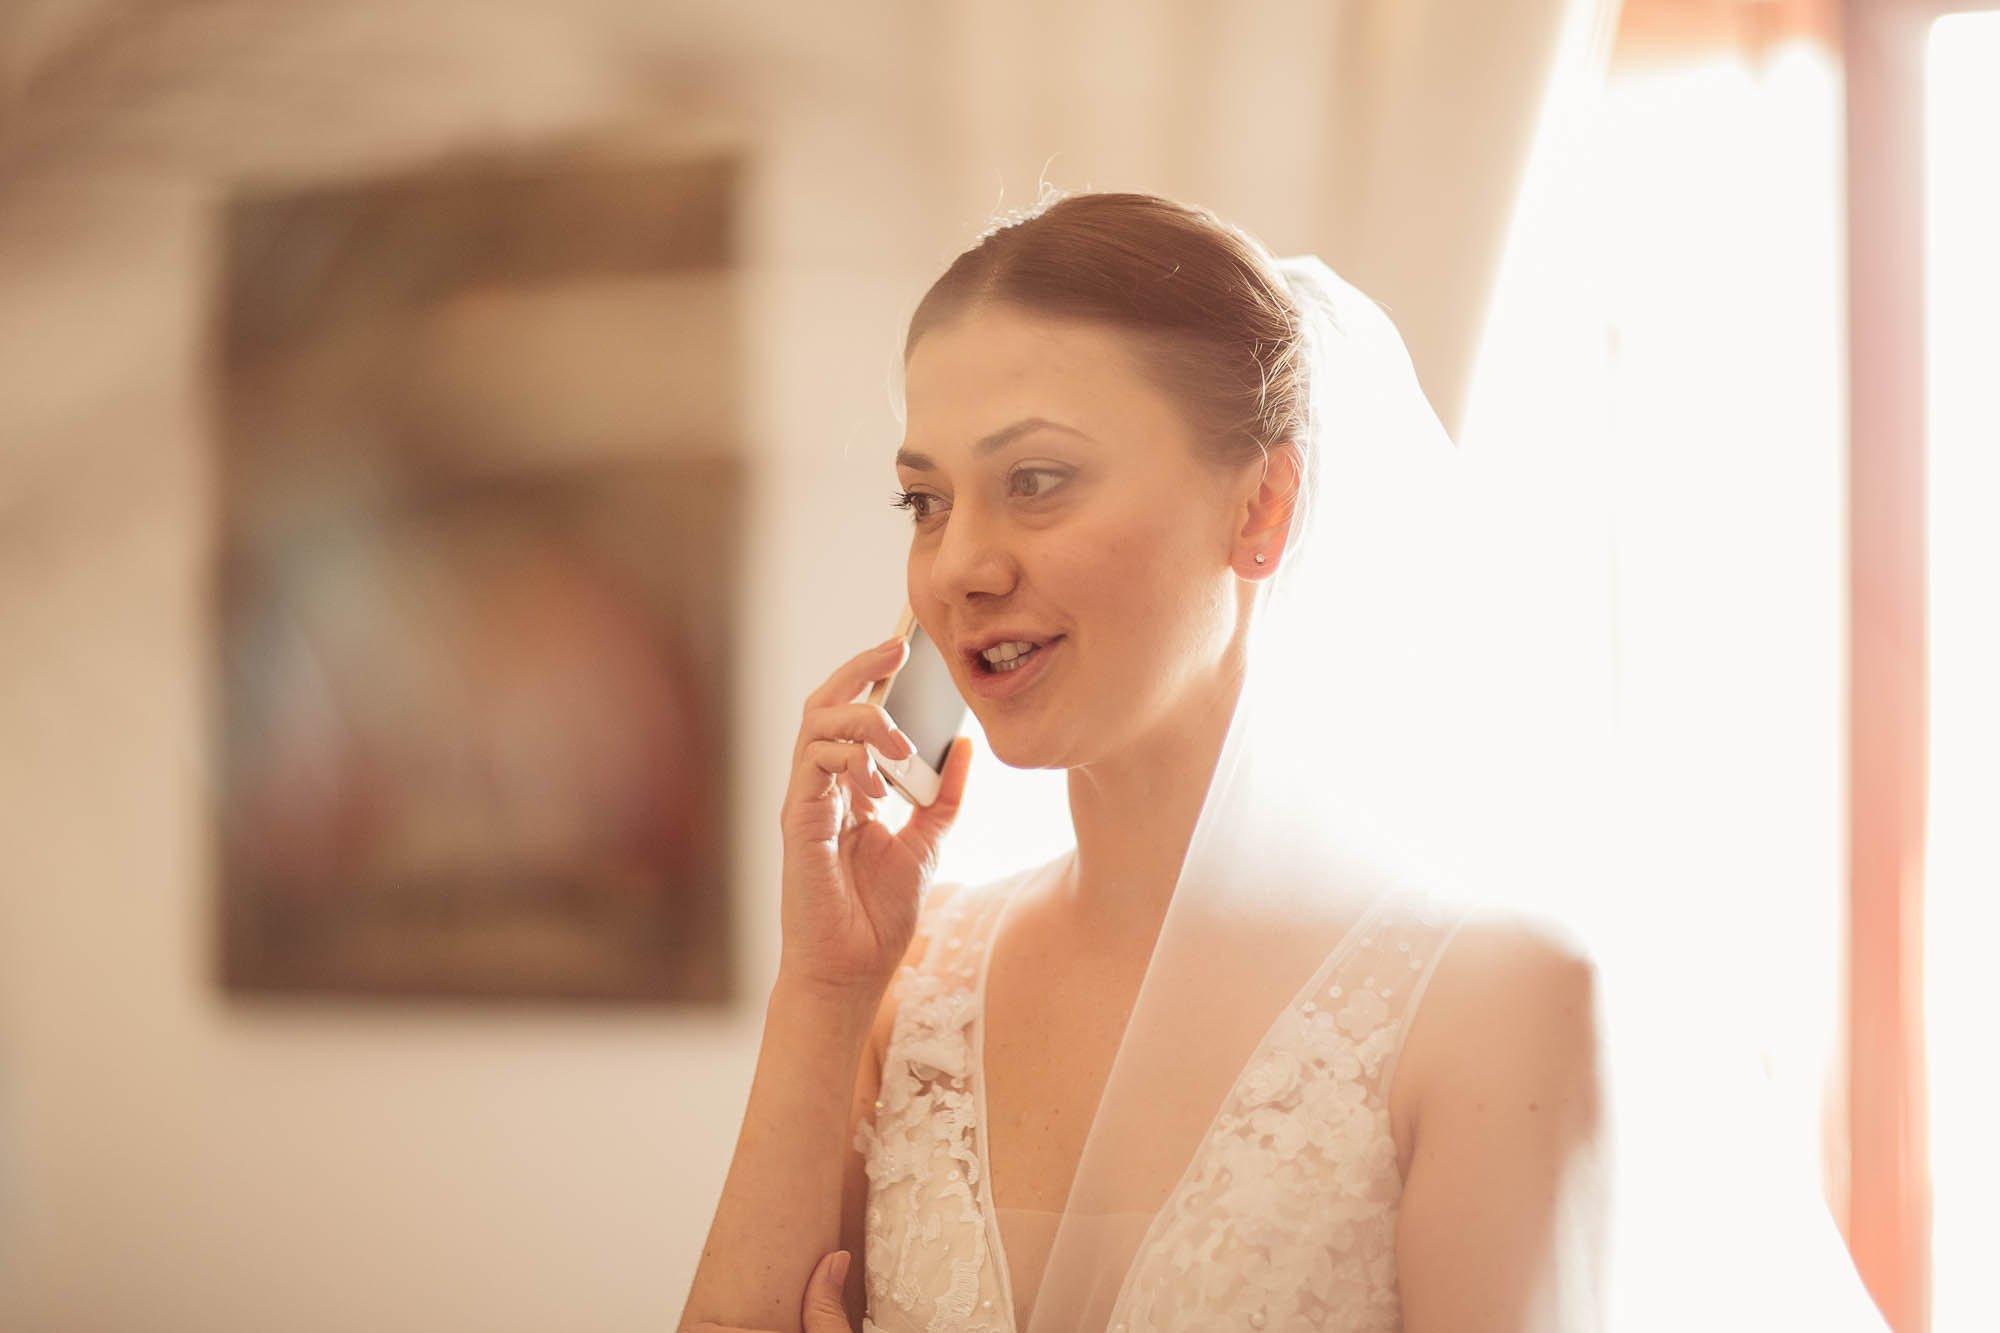 Novia hablando por teléfono antes de la boda